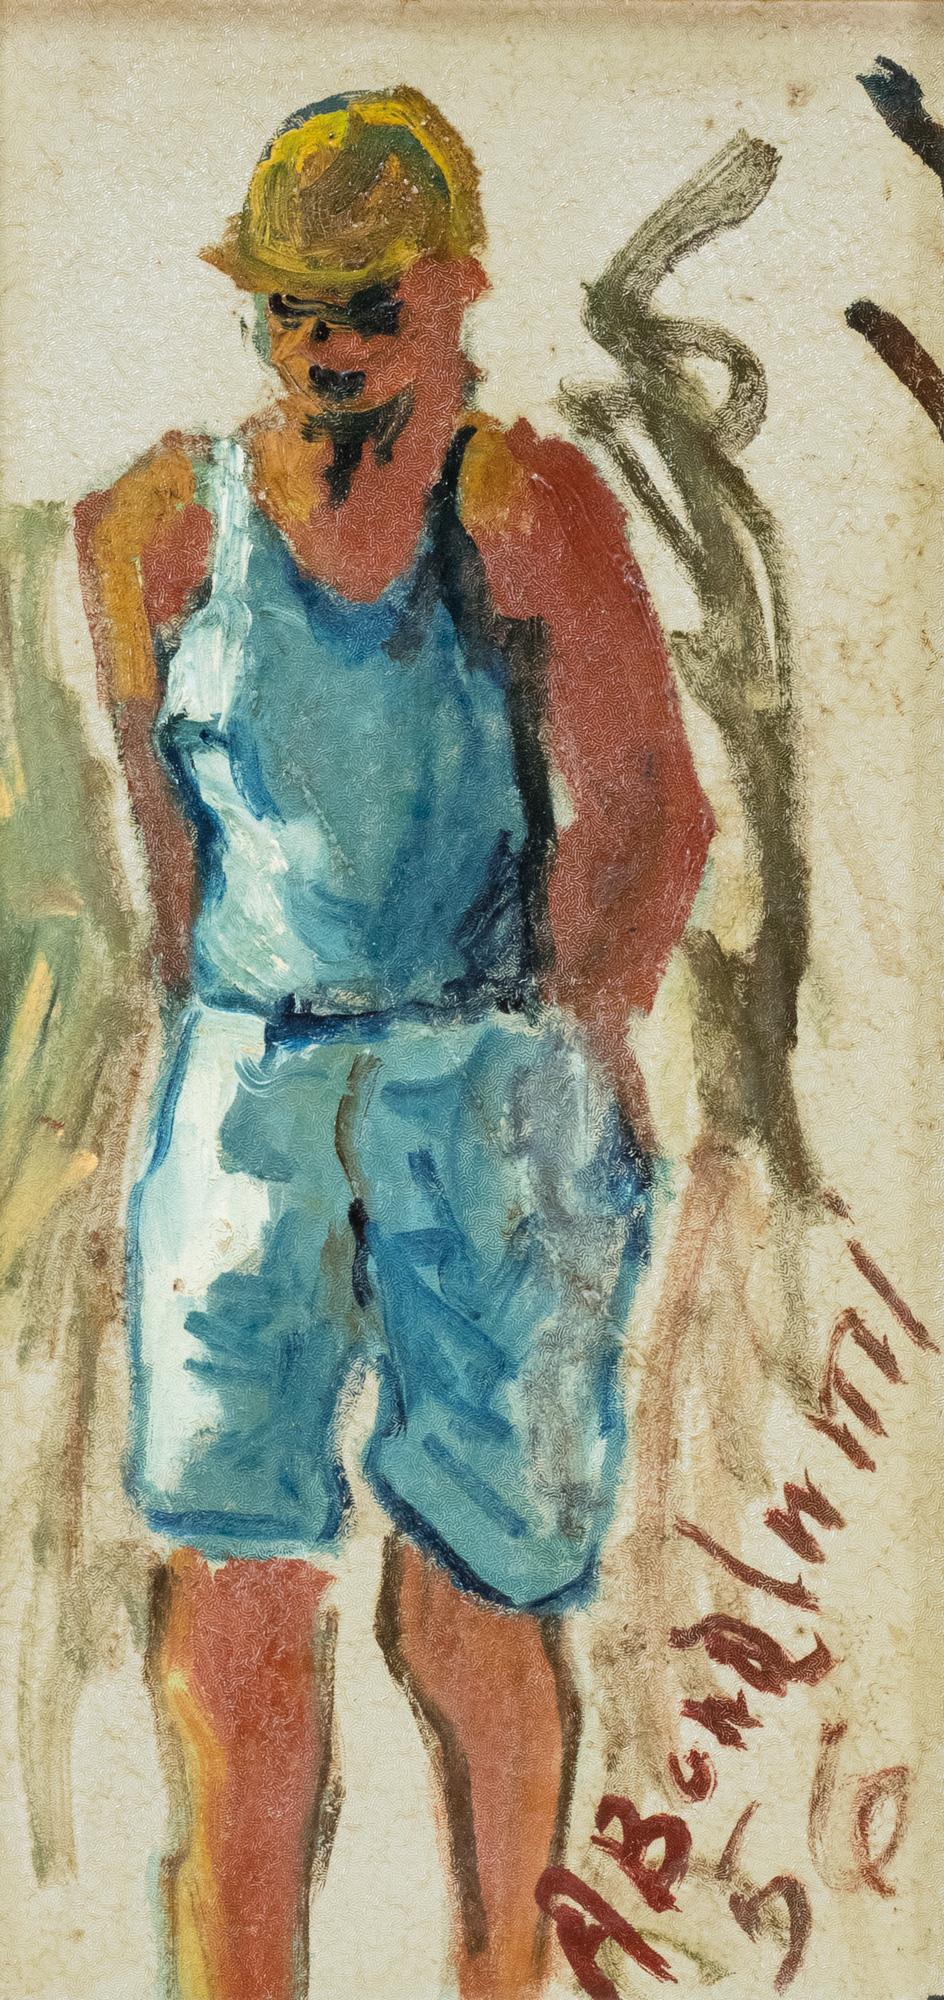 Marinaretto, 1956